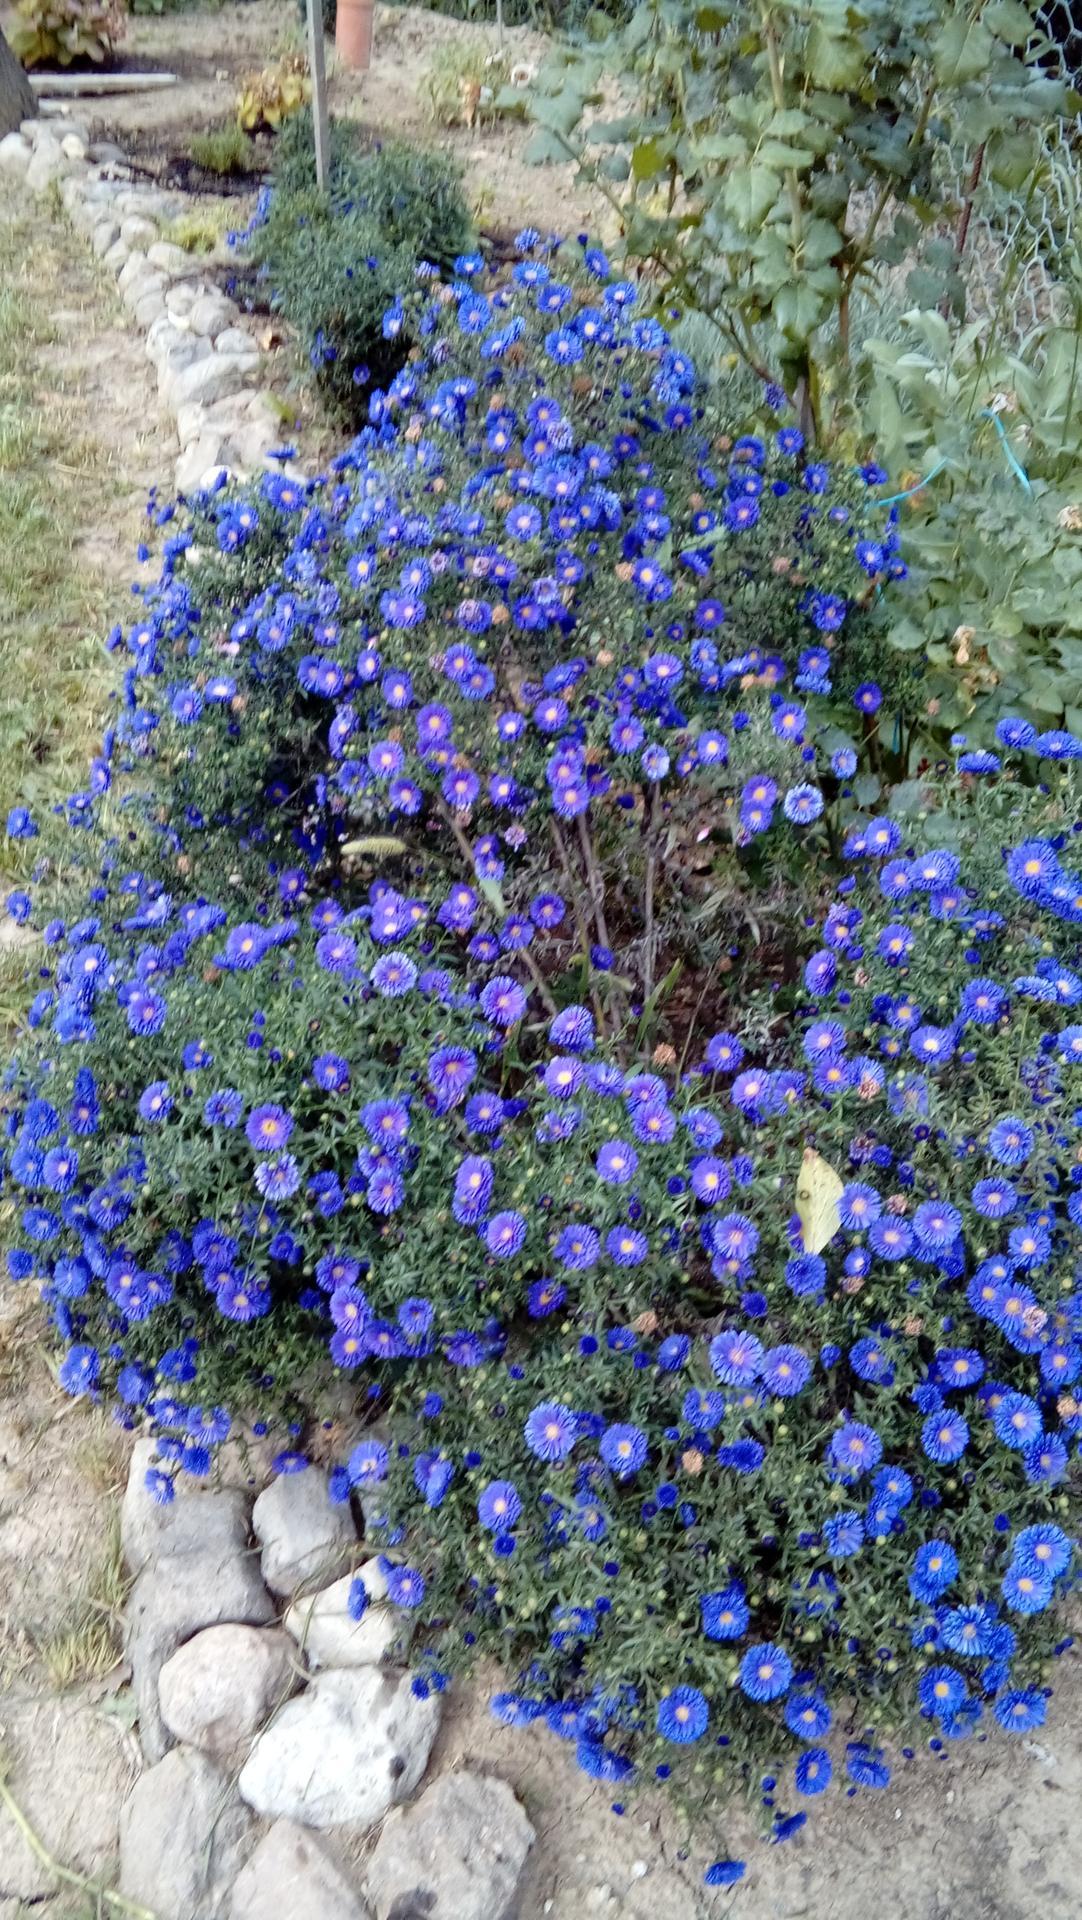 záhrada - astra novobelgická, trochu som to nedomyslela, lebo je veľká, tak dúfam, že ju môžem ostrihať.